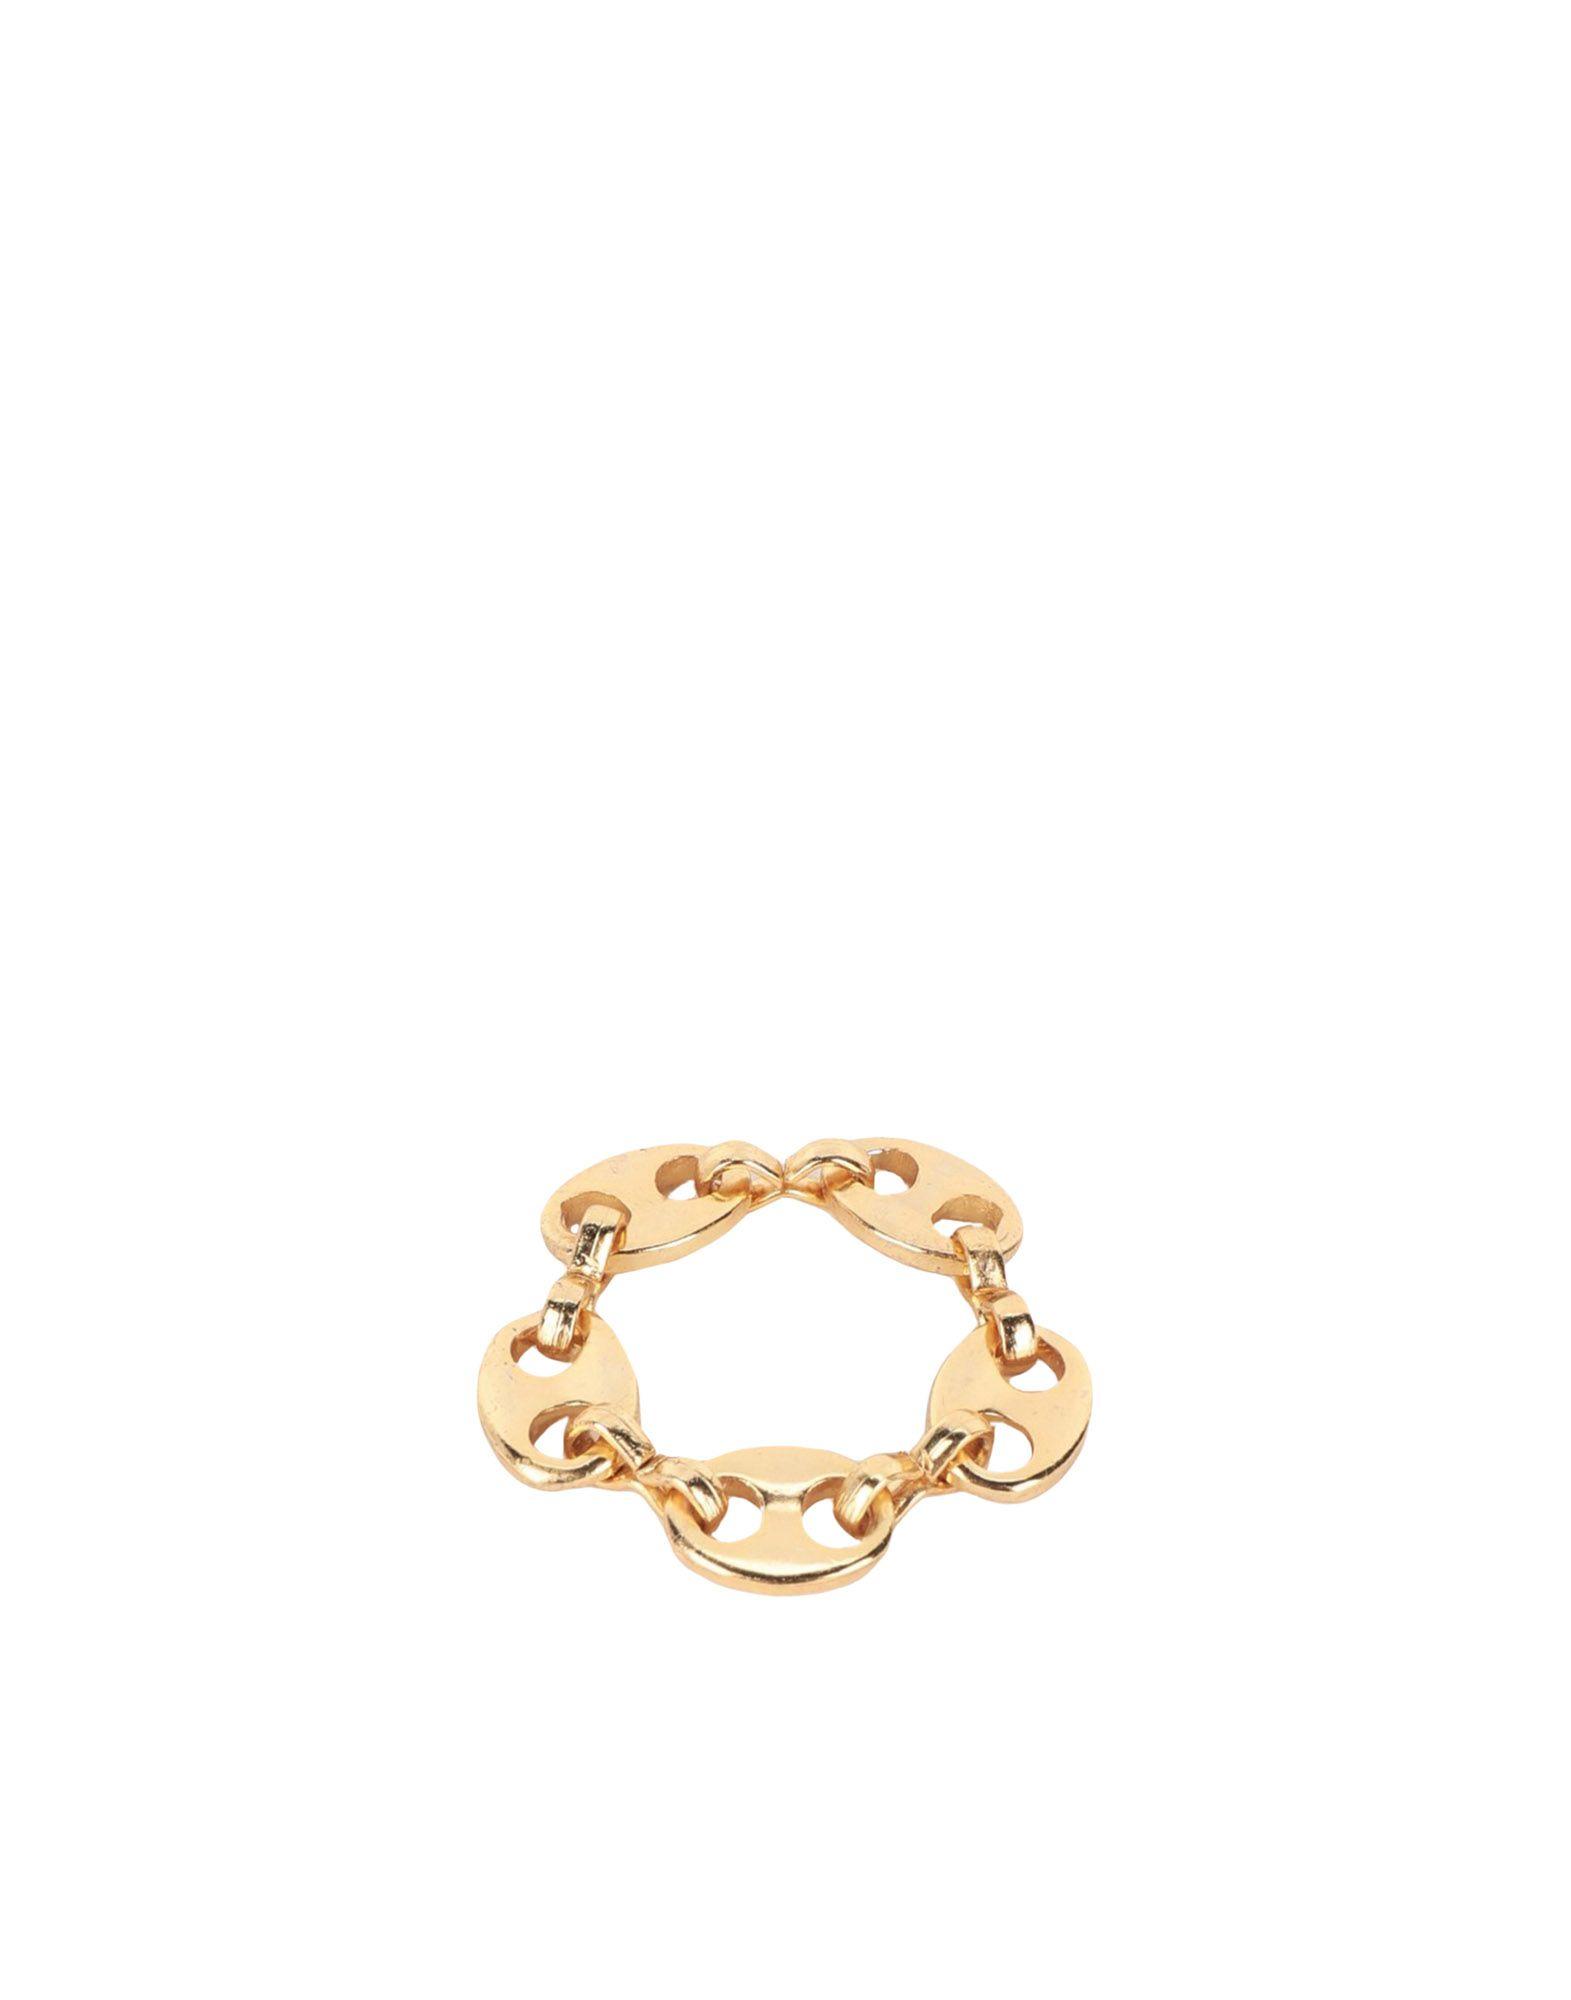 《送料無料》GOGO PHILIP レディース 指輪 ゴールド one size 真鍮/ブラス